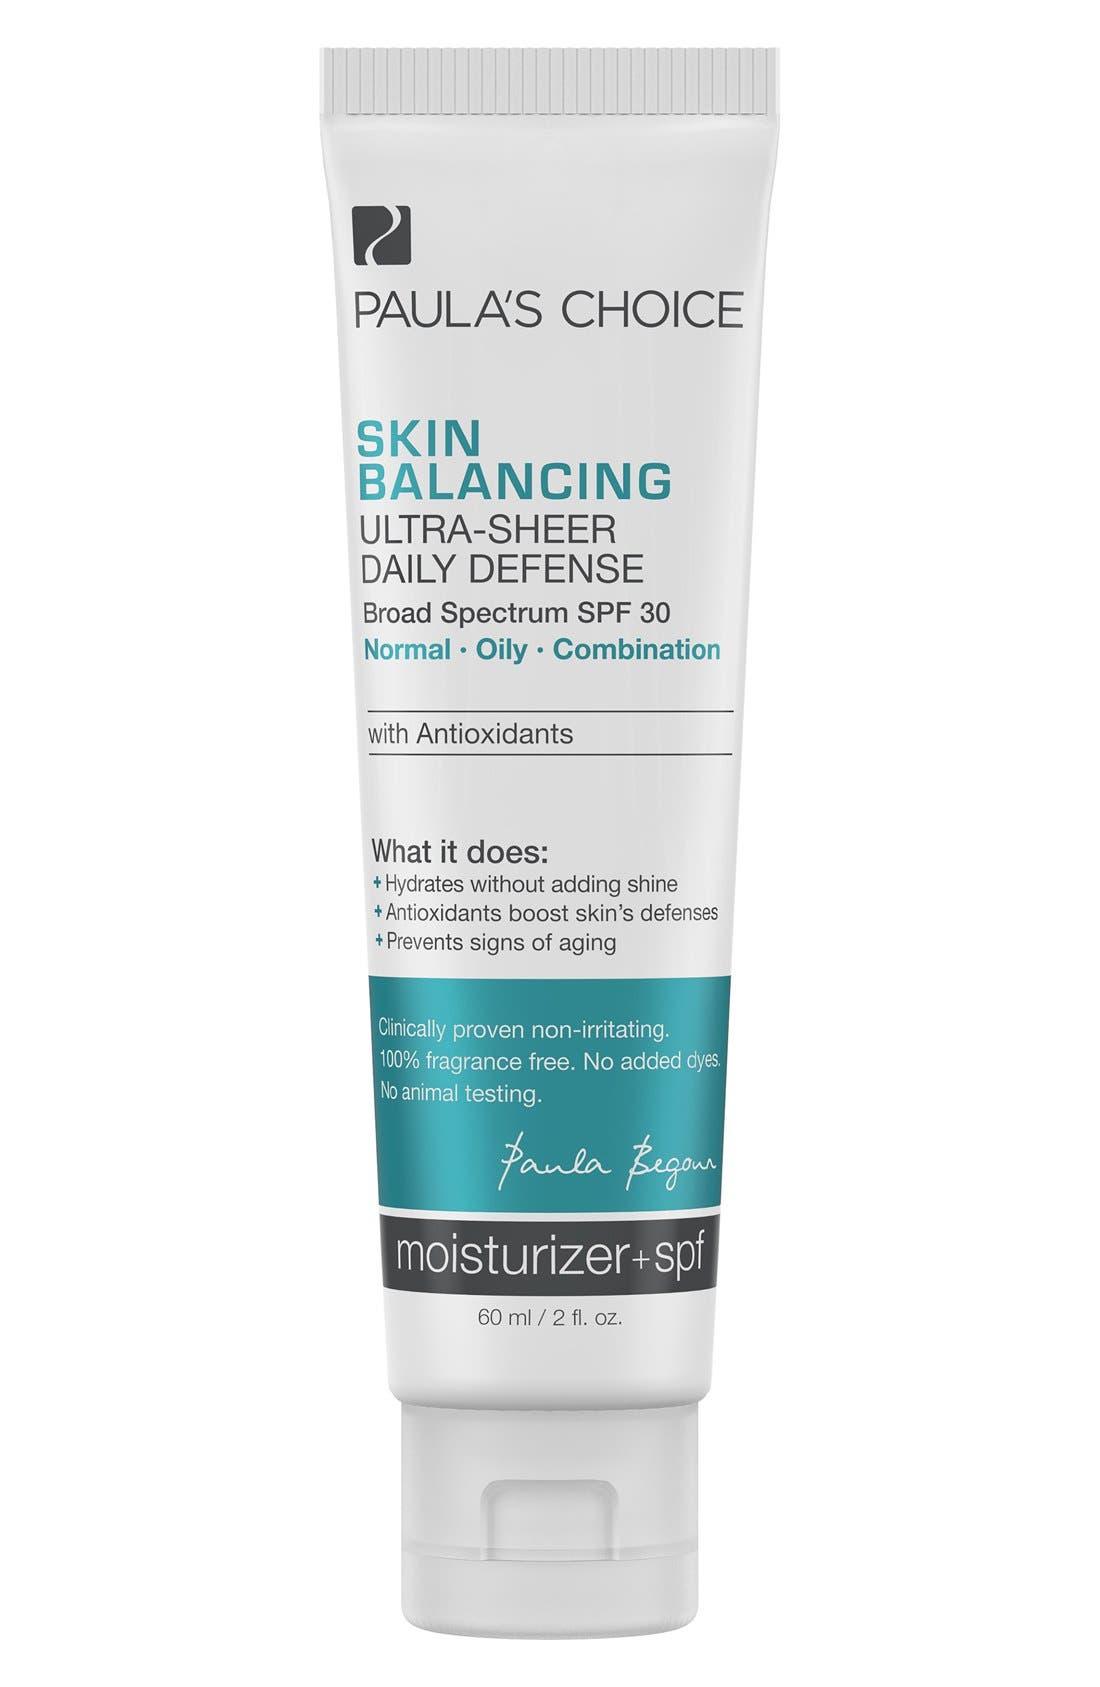 Paula's Choice Skin Balancing Ultra-Sheer Daily Defense SPF 30